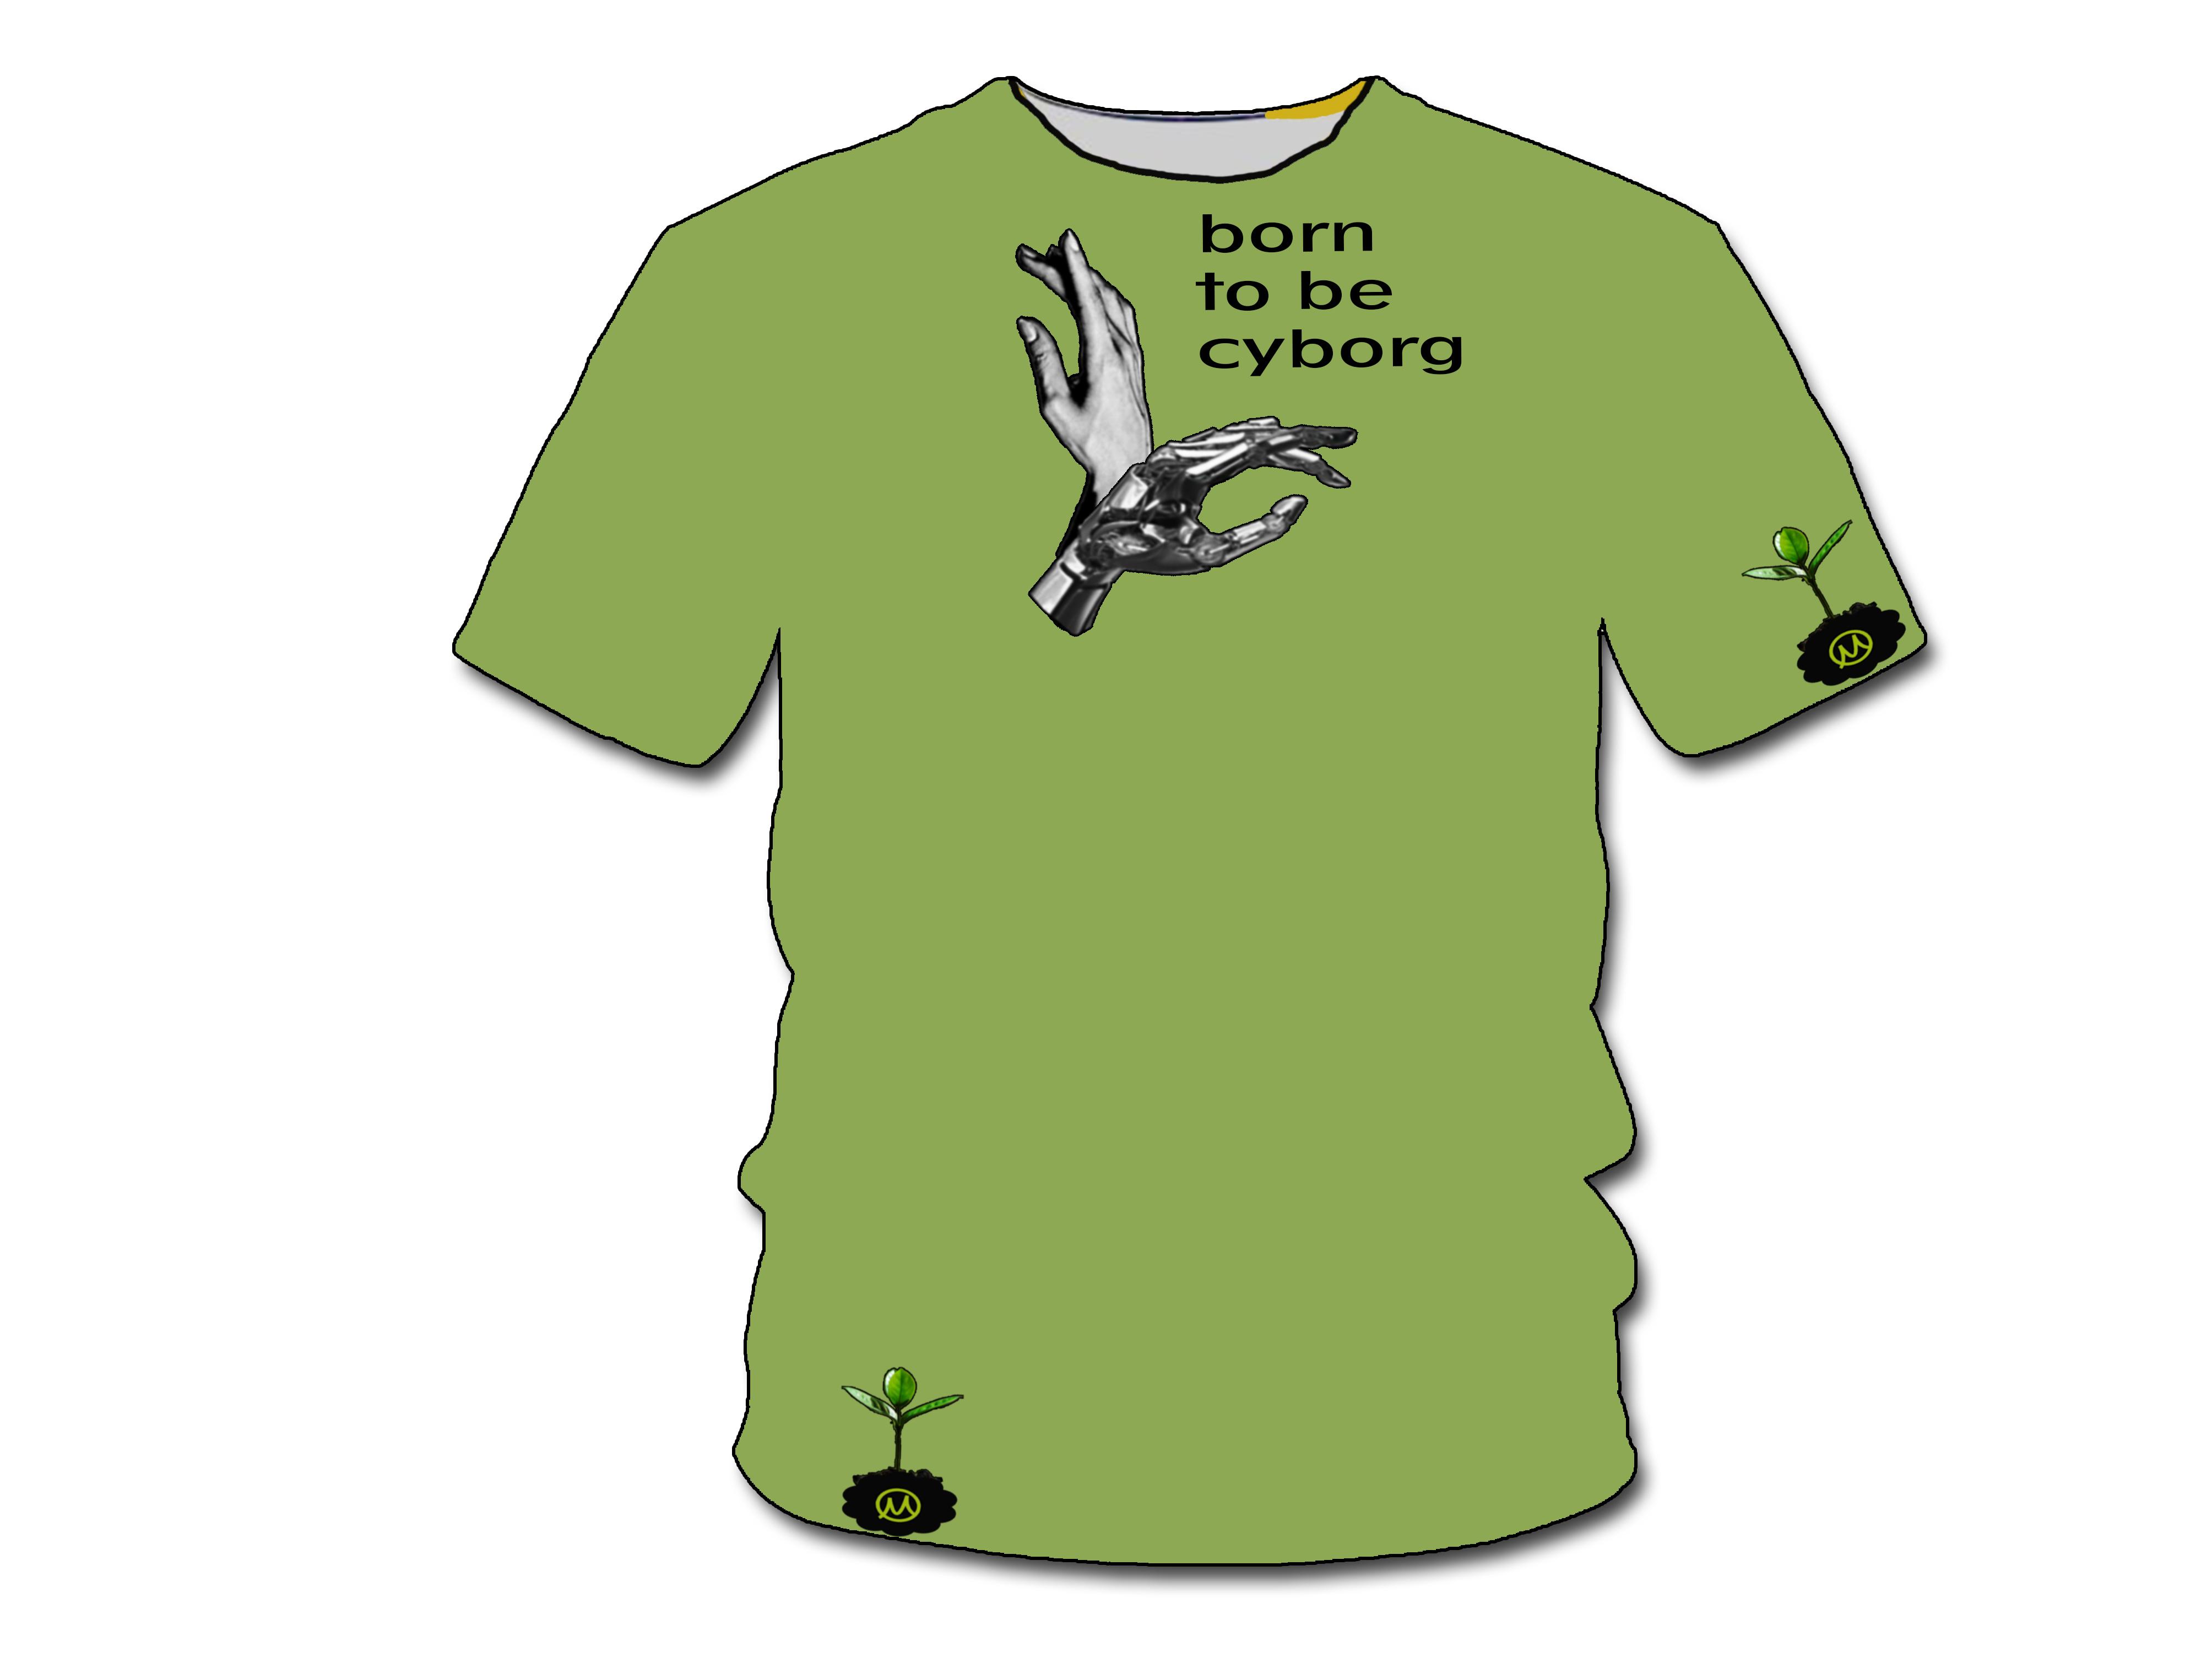 Нарисовать принты на футболки для компании Моторика фото f_54160a536633da73.jpg